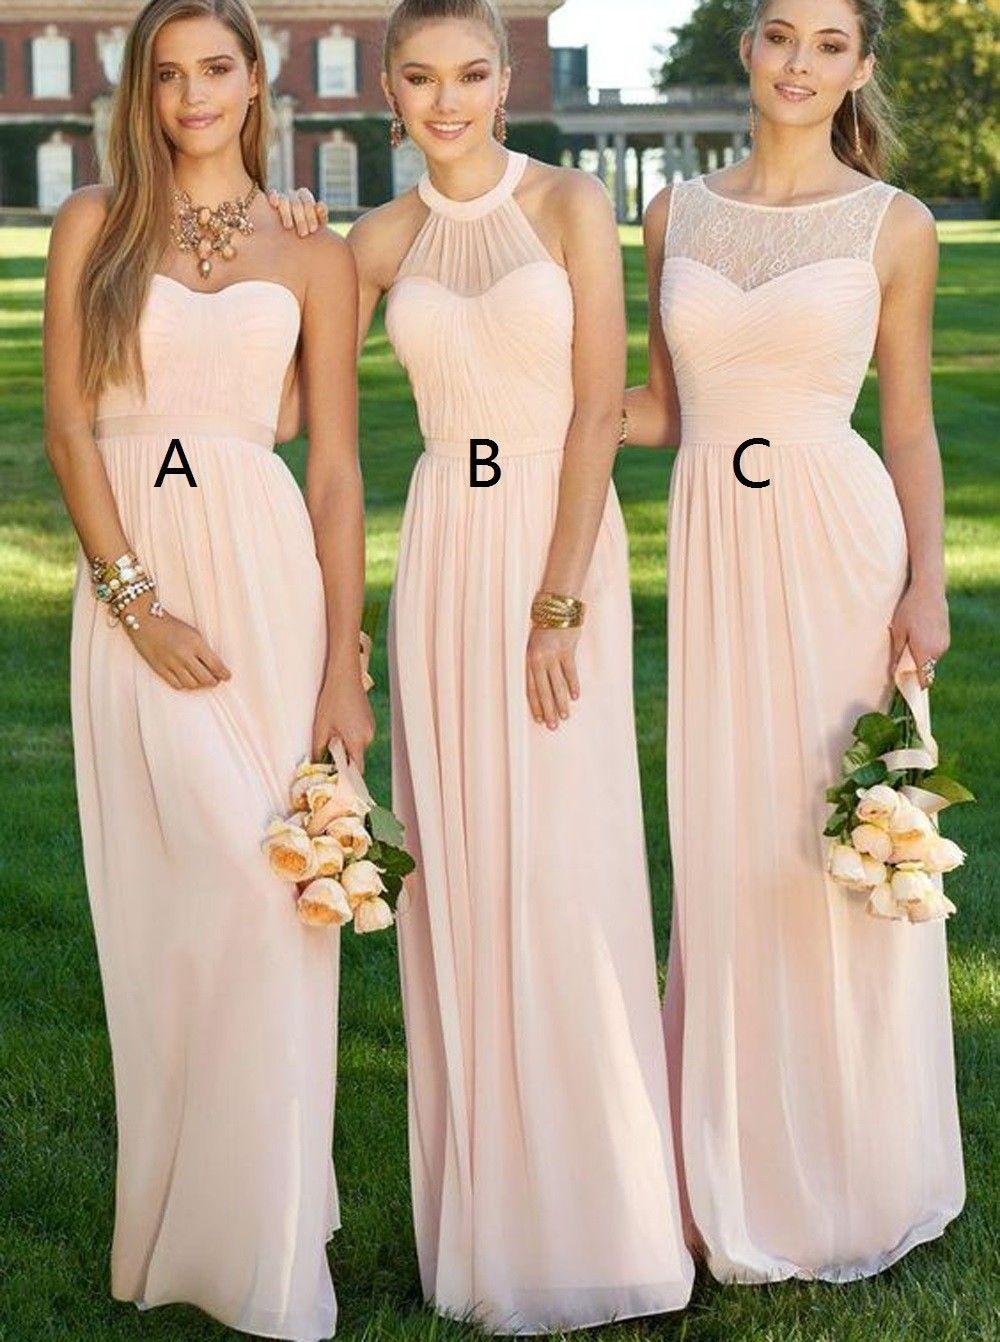 Abend Genial Kleid Lang Rosa DesignFormal Einfach Kleid Lang Rosa Spezialgebiet